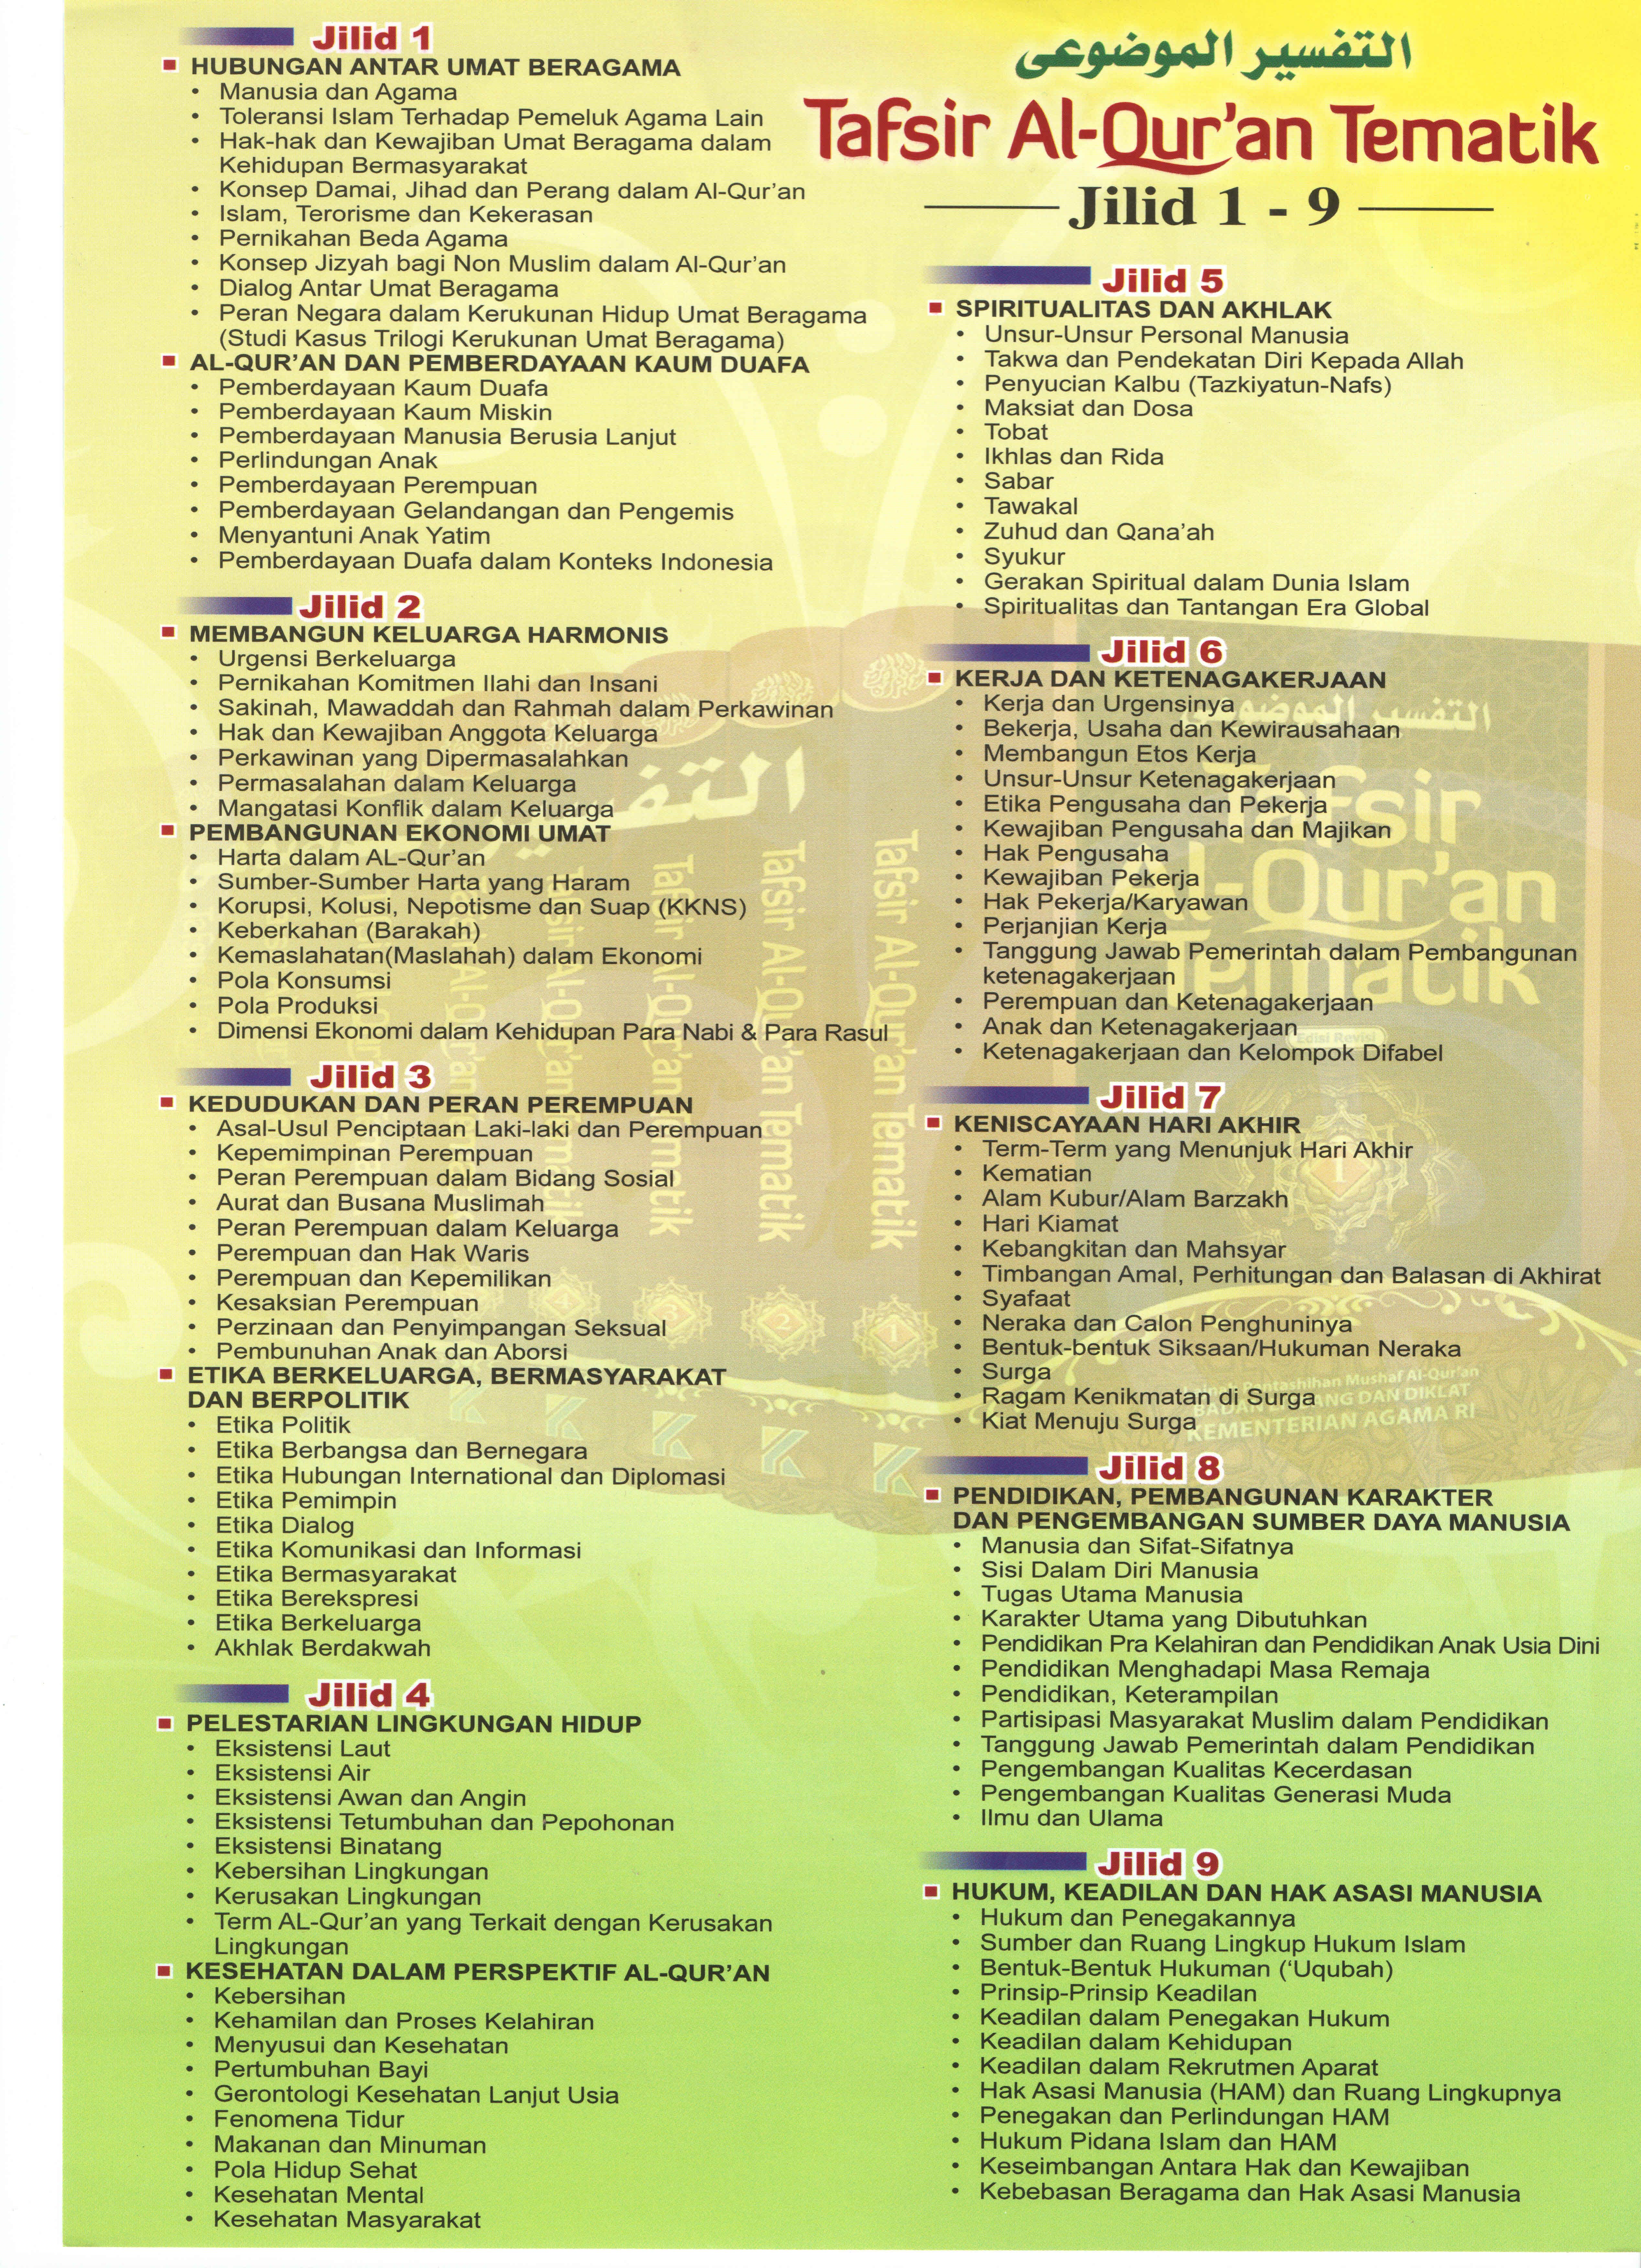 tafsir quran tematik 1 Jenis jenis Kaligrafi Arab